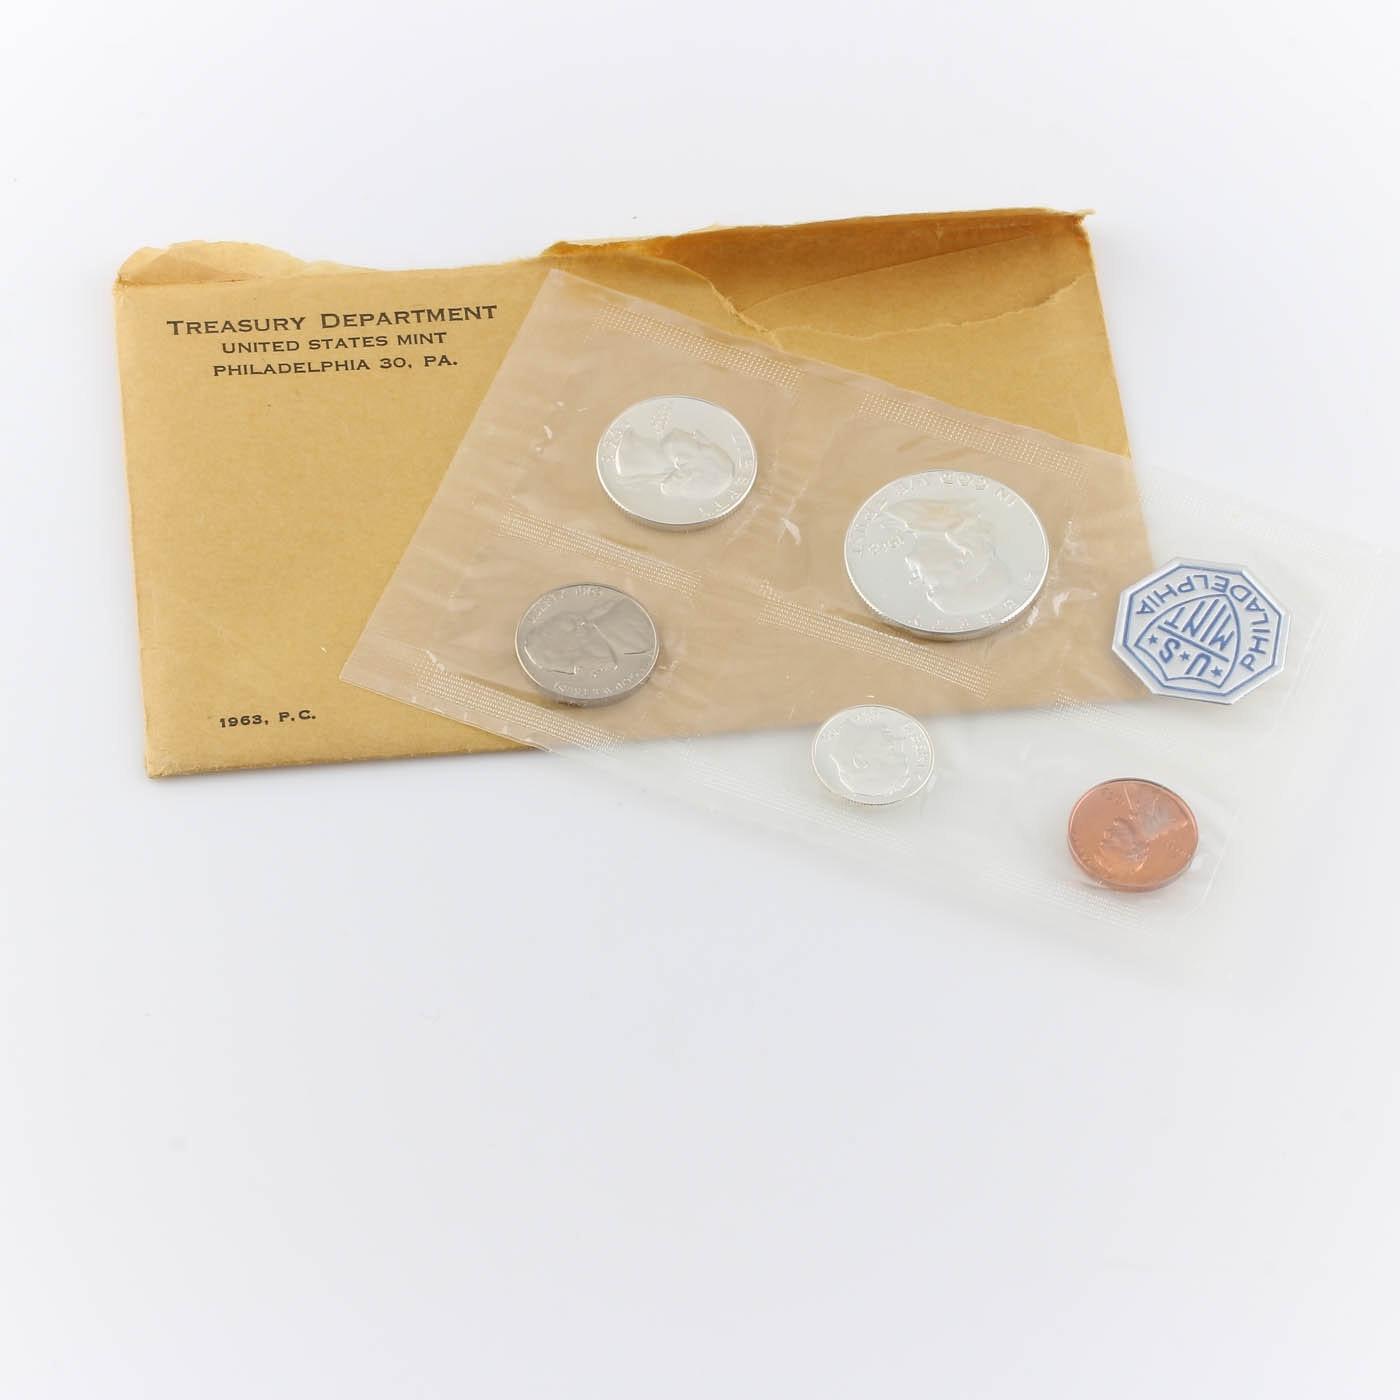 1963 U.S. Philadelphia Mint Proof Set